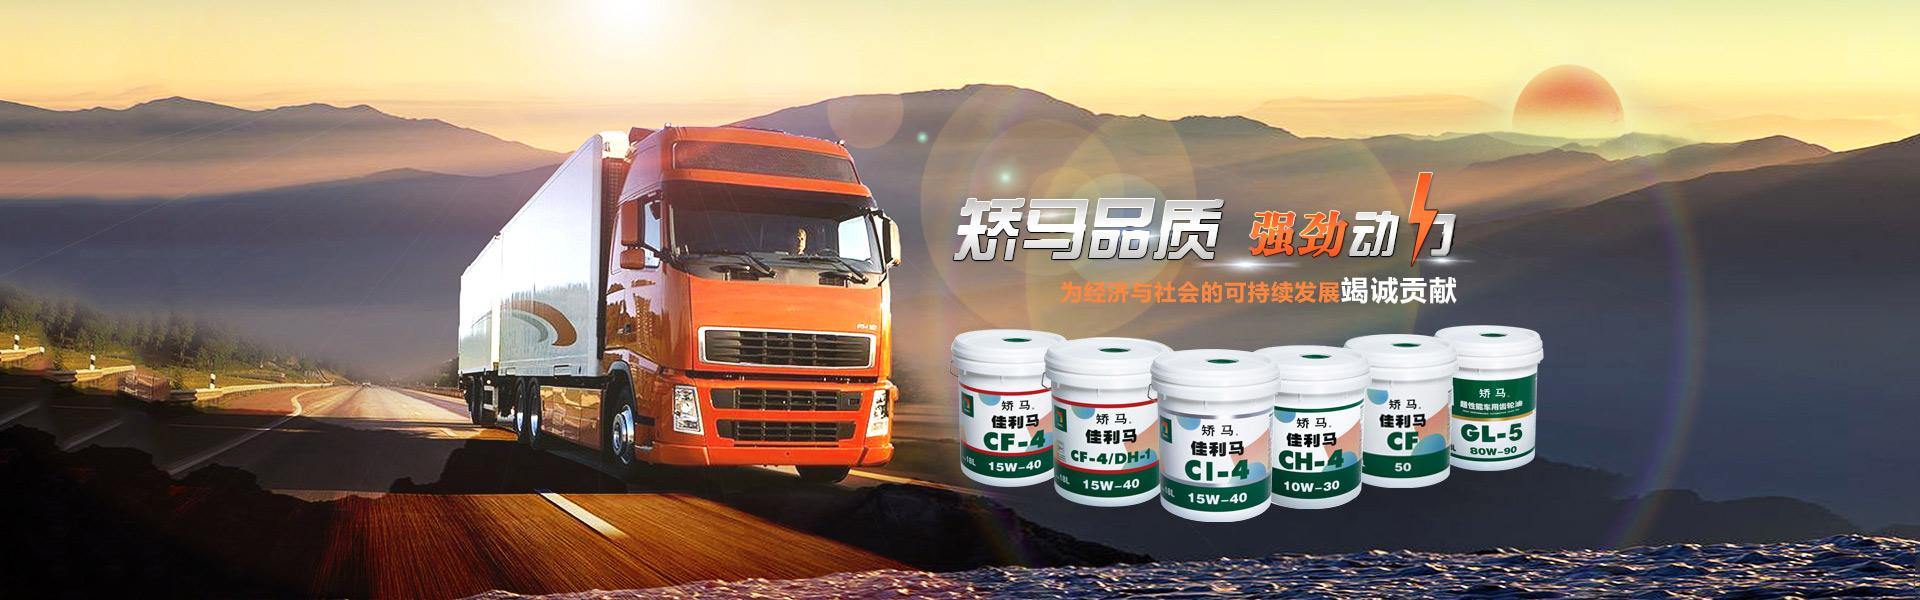 山西日本能源润滑油有限公司banner2